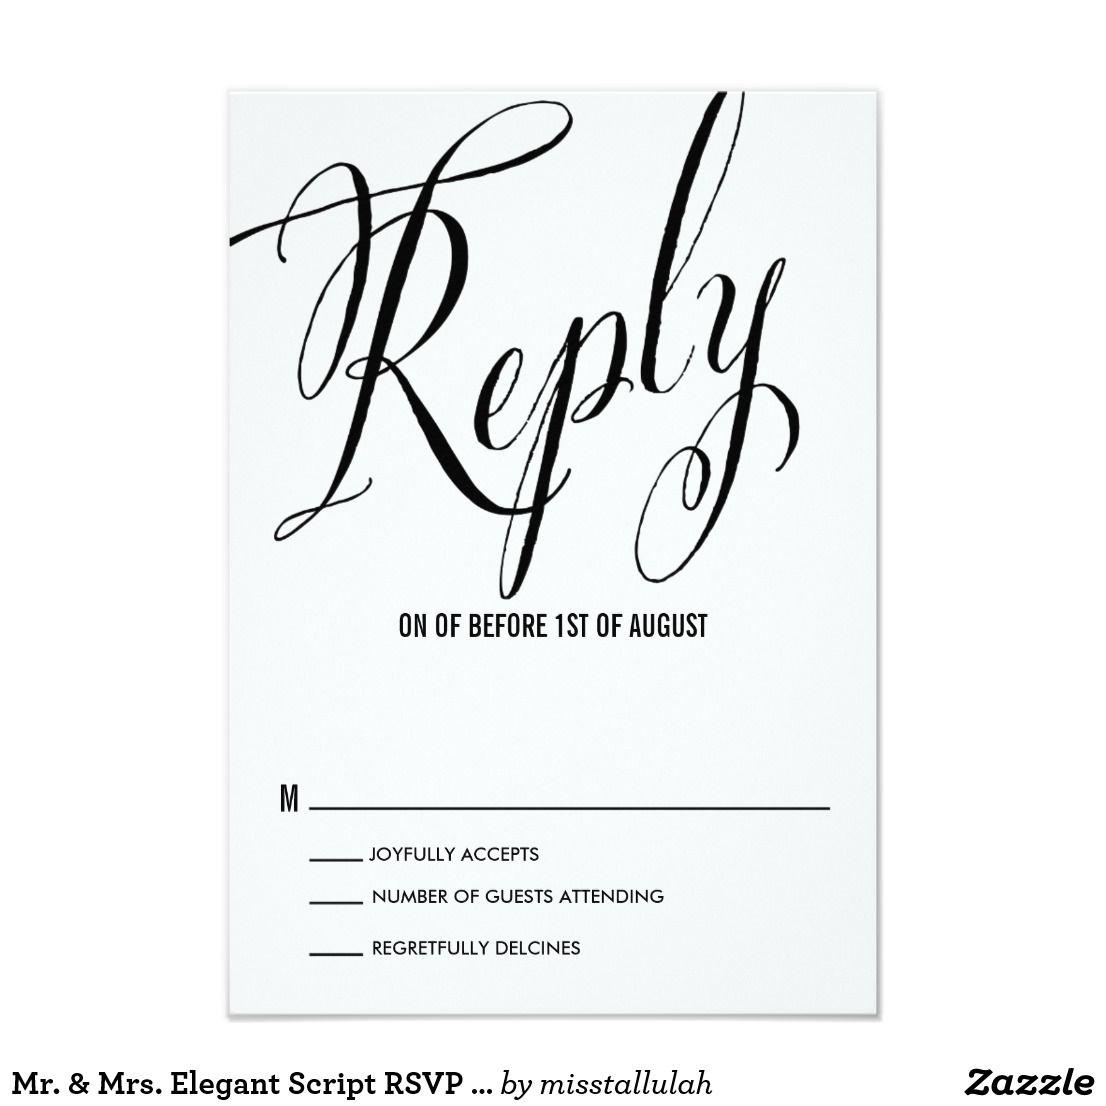 Mr. & Mrs. Elegant Script RSVP | Check Spelling